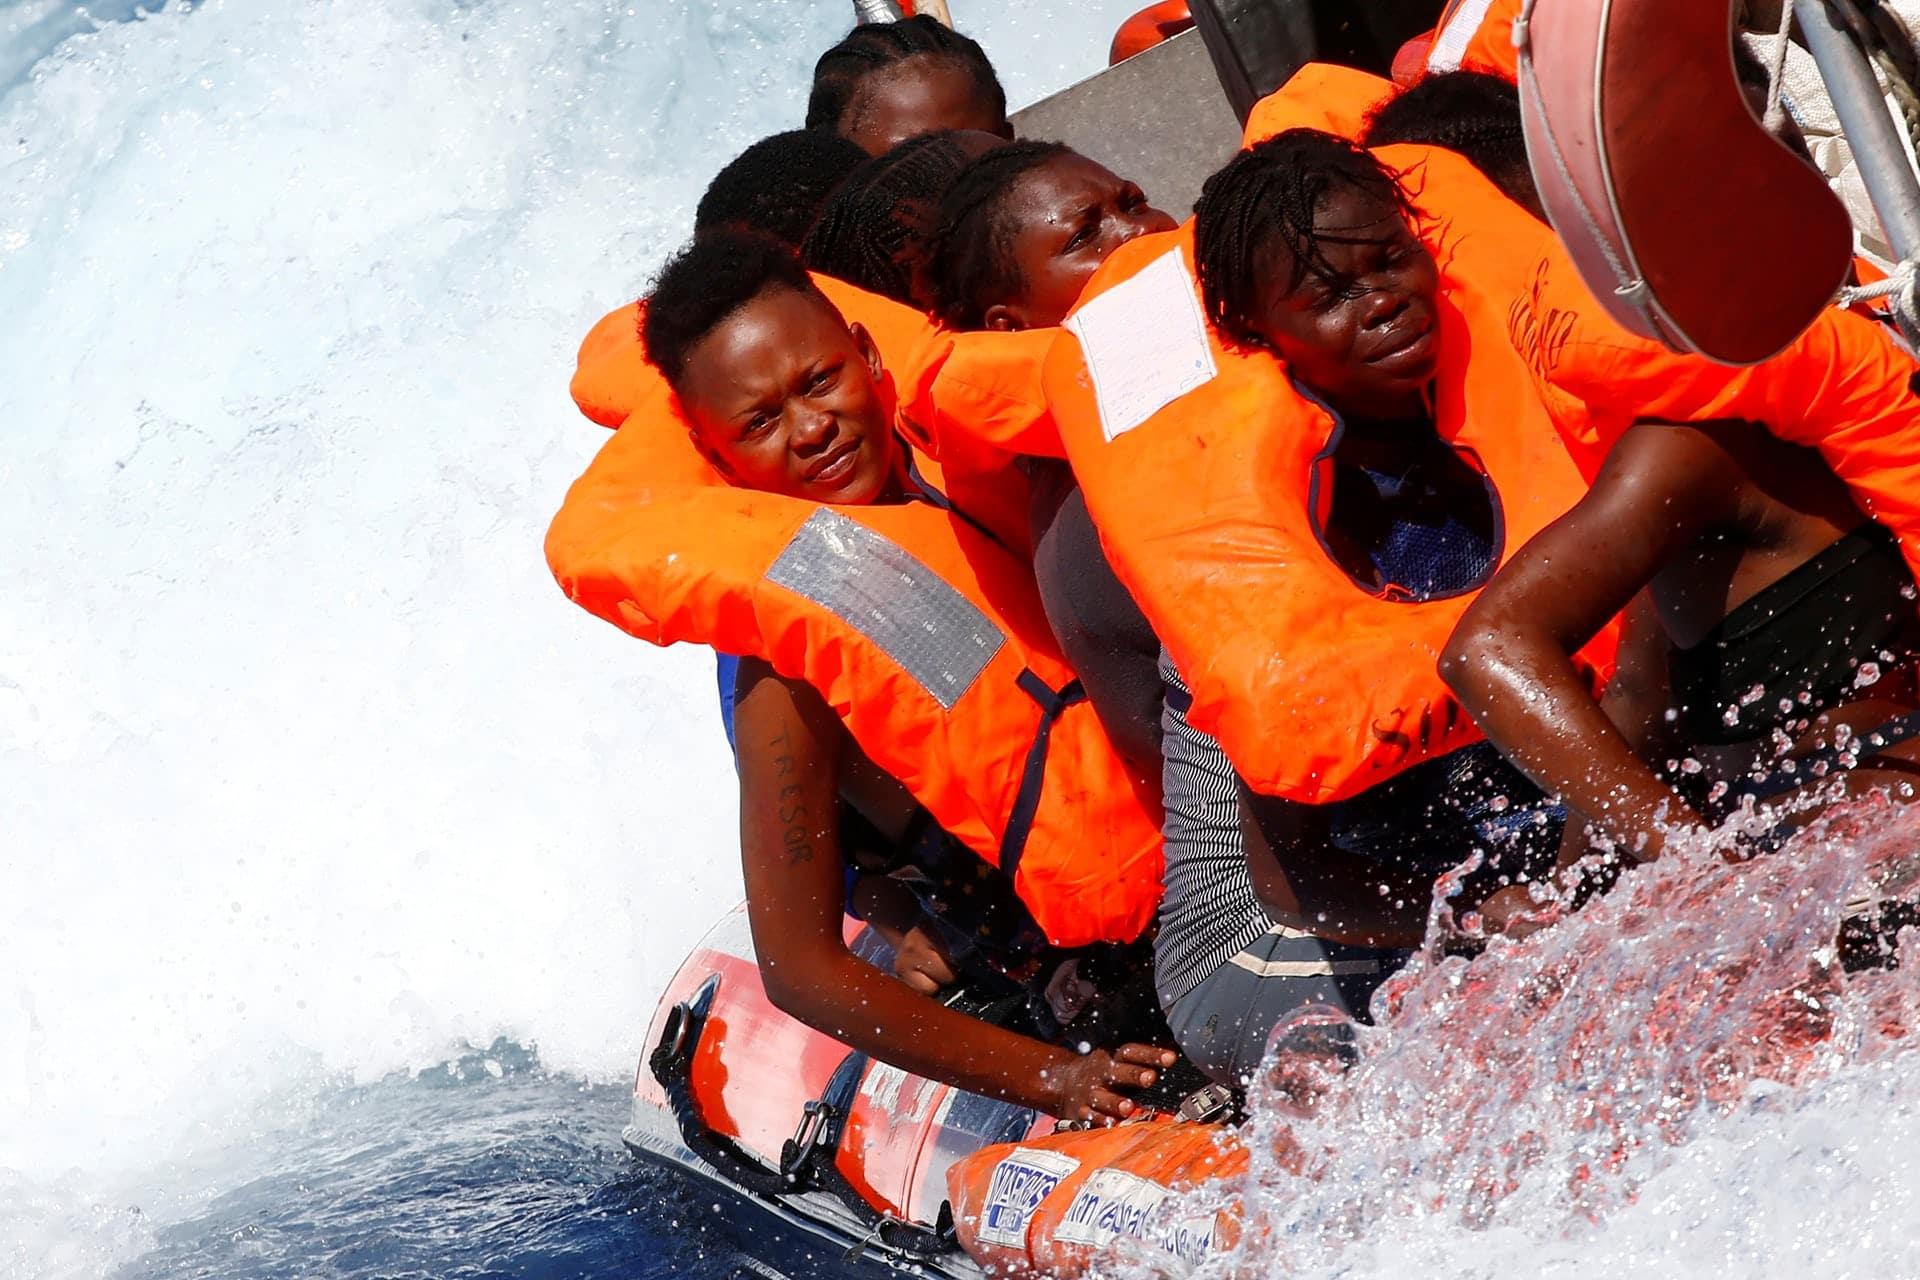 Alcuni migranti salvati dalla Ong Mediterranee durante un'operazione al largo delle coste libiche